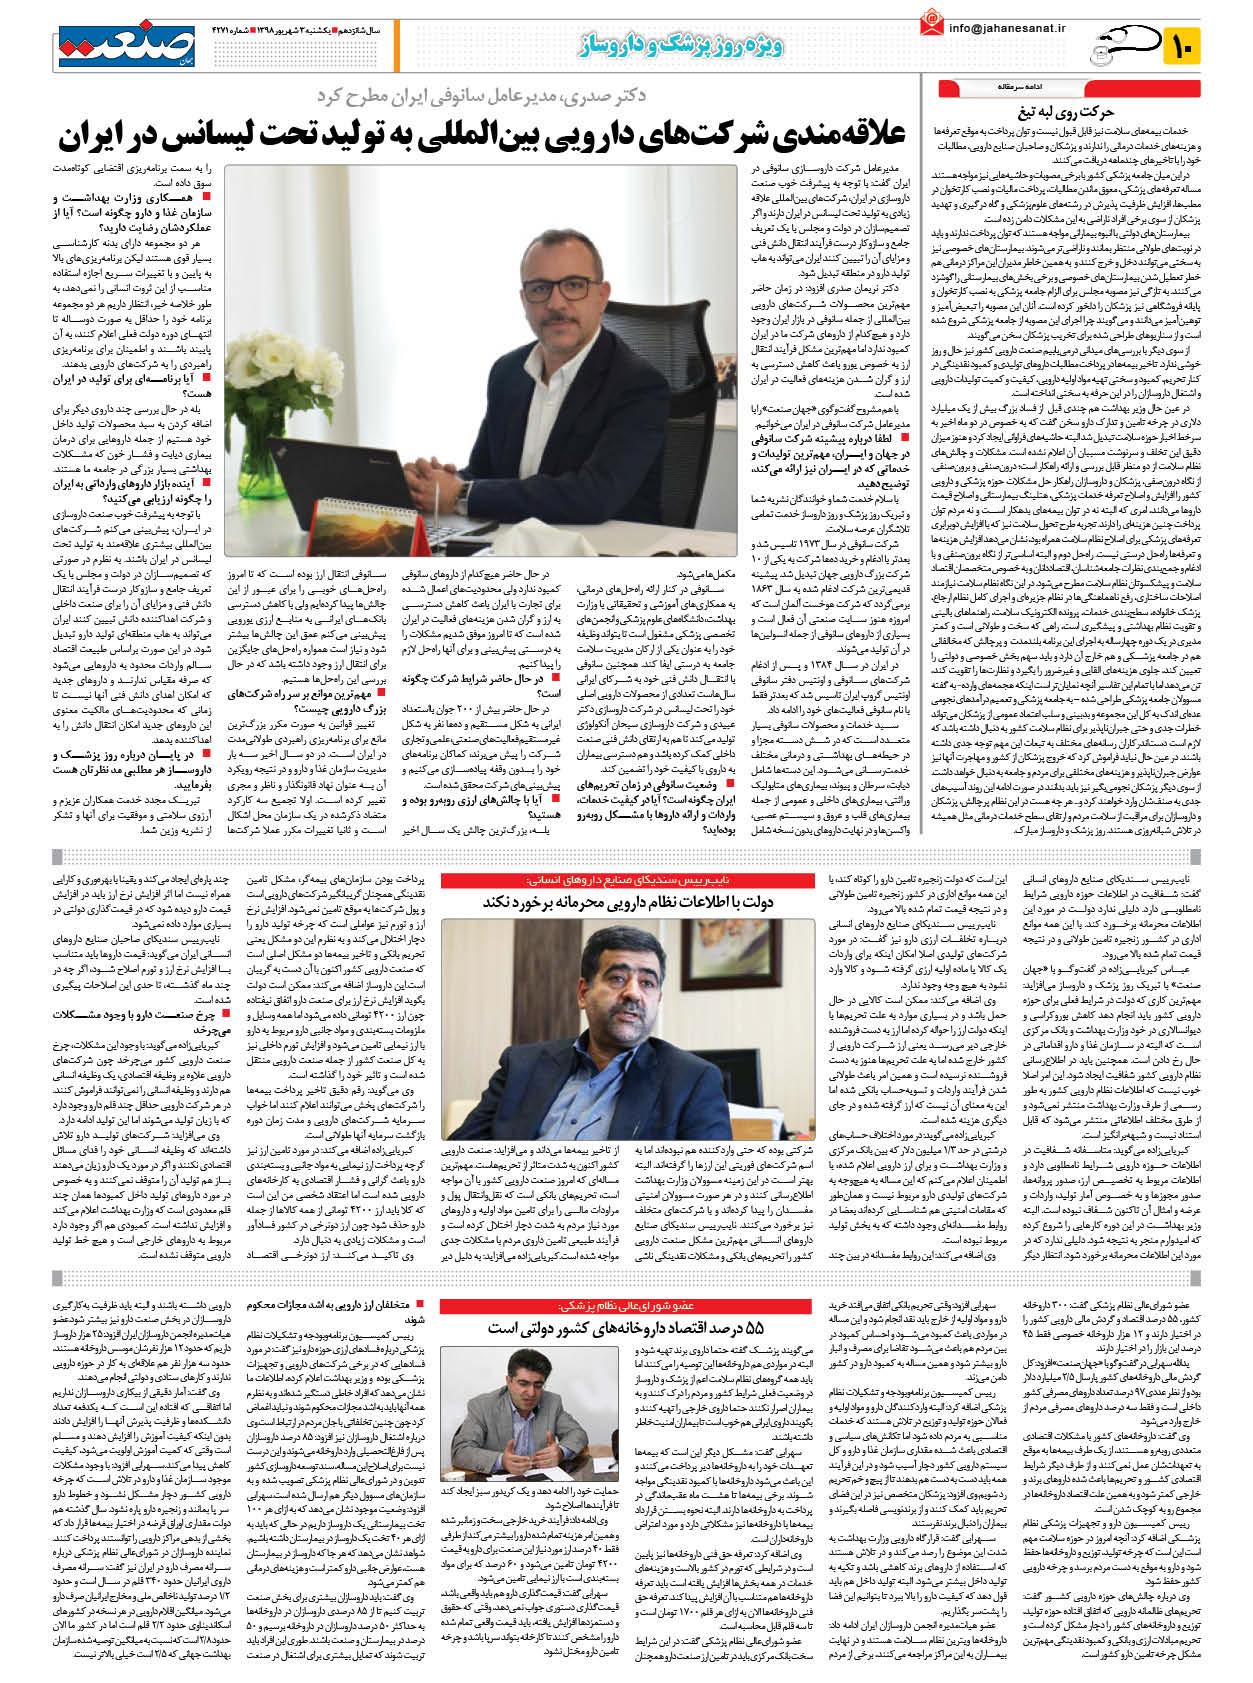 صفحه ۱۰ – ۰۳ شهریور ۱۳۹۸